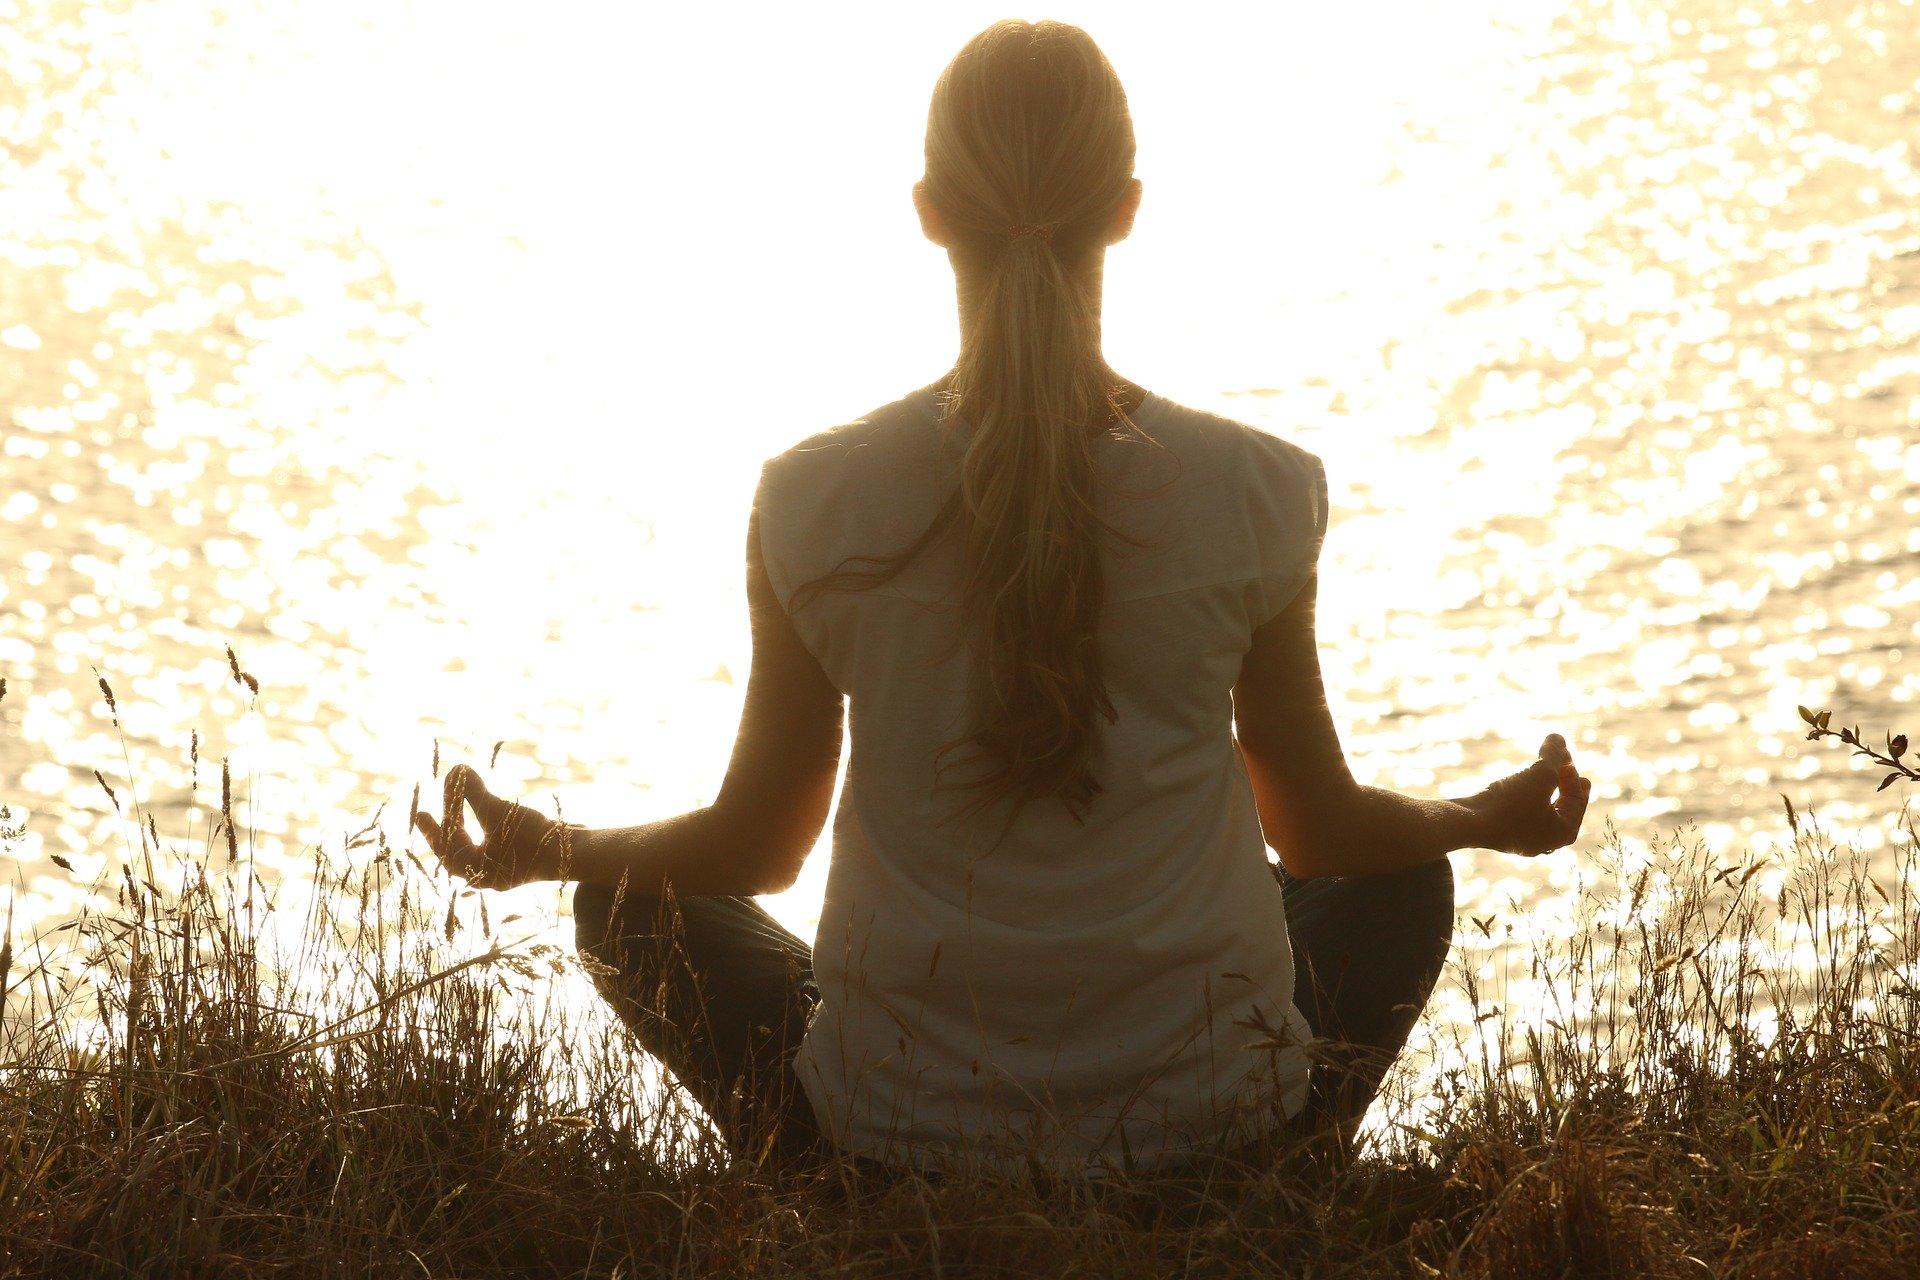 curso meditación mindfulness en madrid